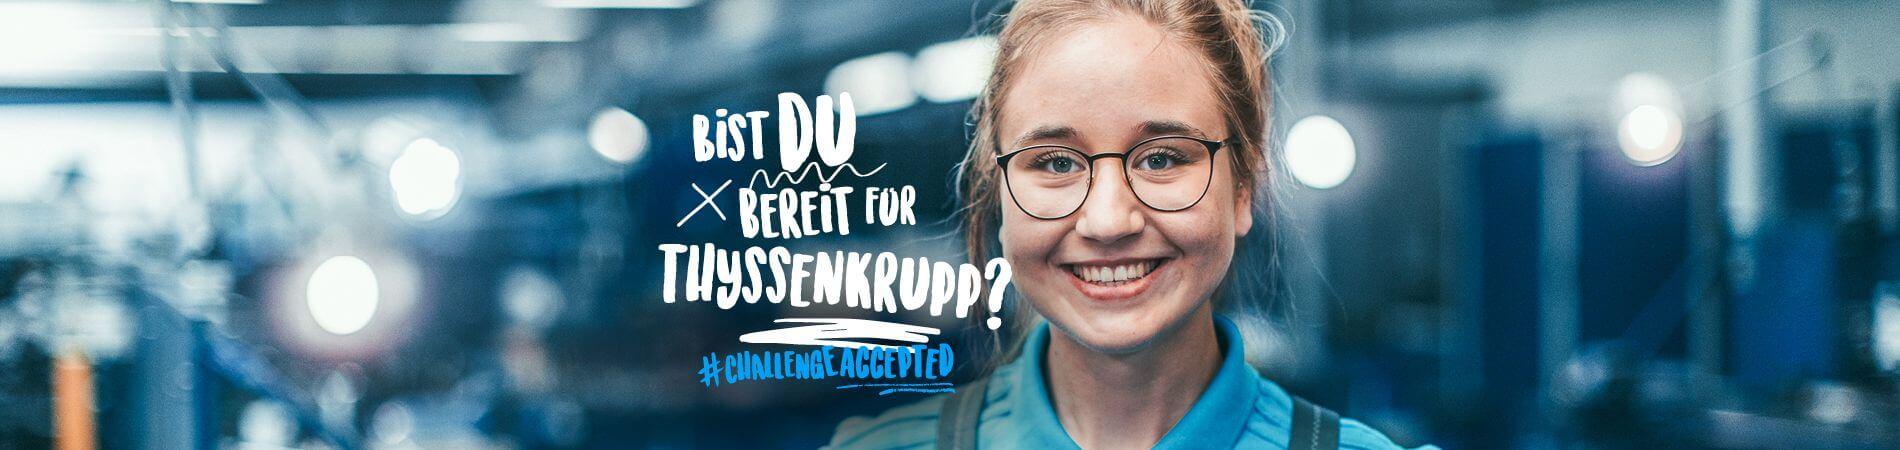 """Auszubildende lächelnd mit Brille, Bildtext: """"BIST DU BEREIT FÜR THYSSENKRUPP? # CHALLENGEACCEPTED"""""""